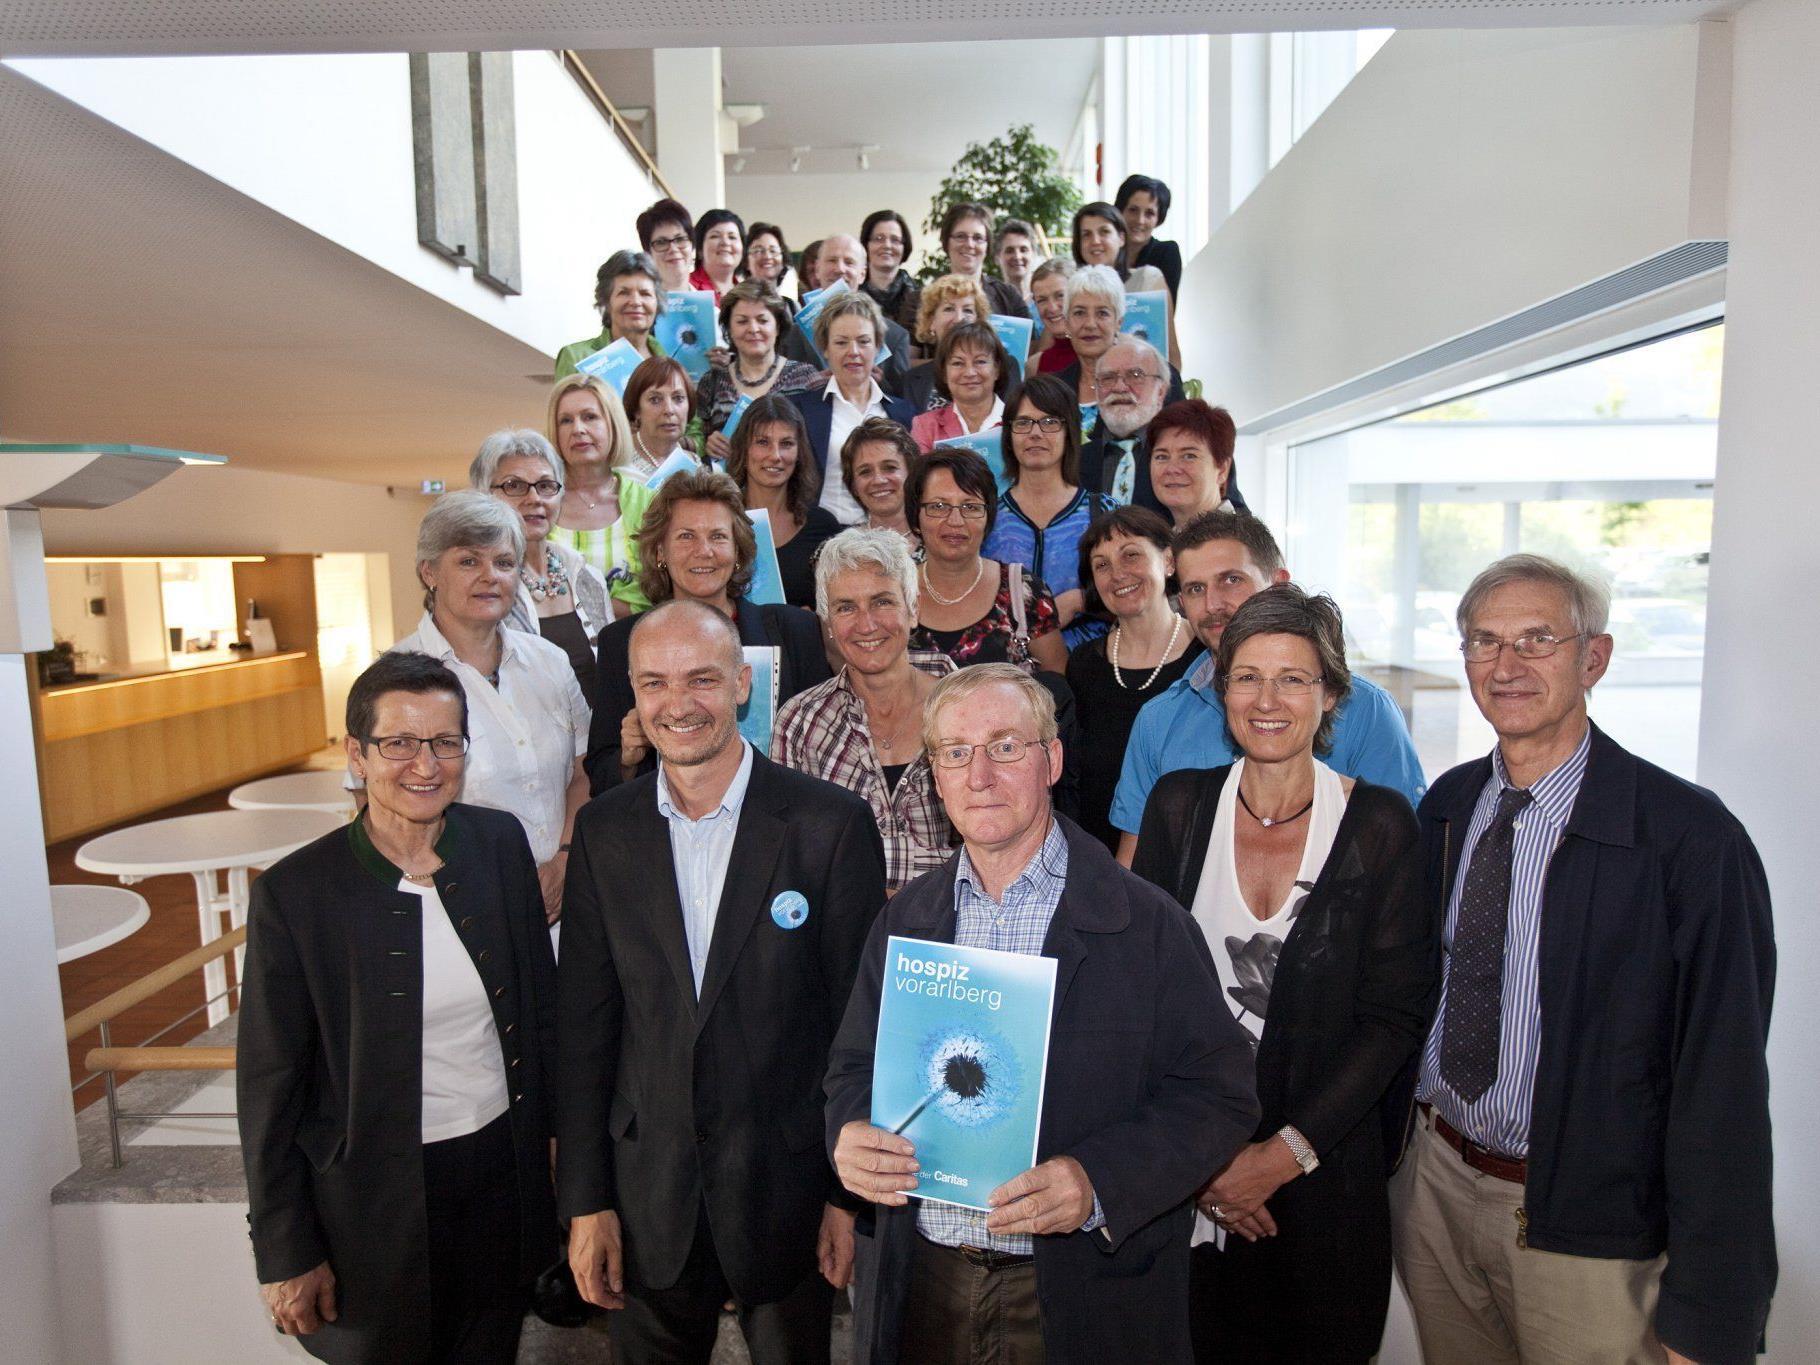 26 Frauen und vier Männer haben am Dienstag, 29. Mai 2012, im Bildungshaus Batschuns ihre Zertifikate als Hospizbegleiterinnen bzw. -begleiter überreicht bekommen.